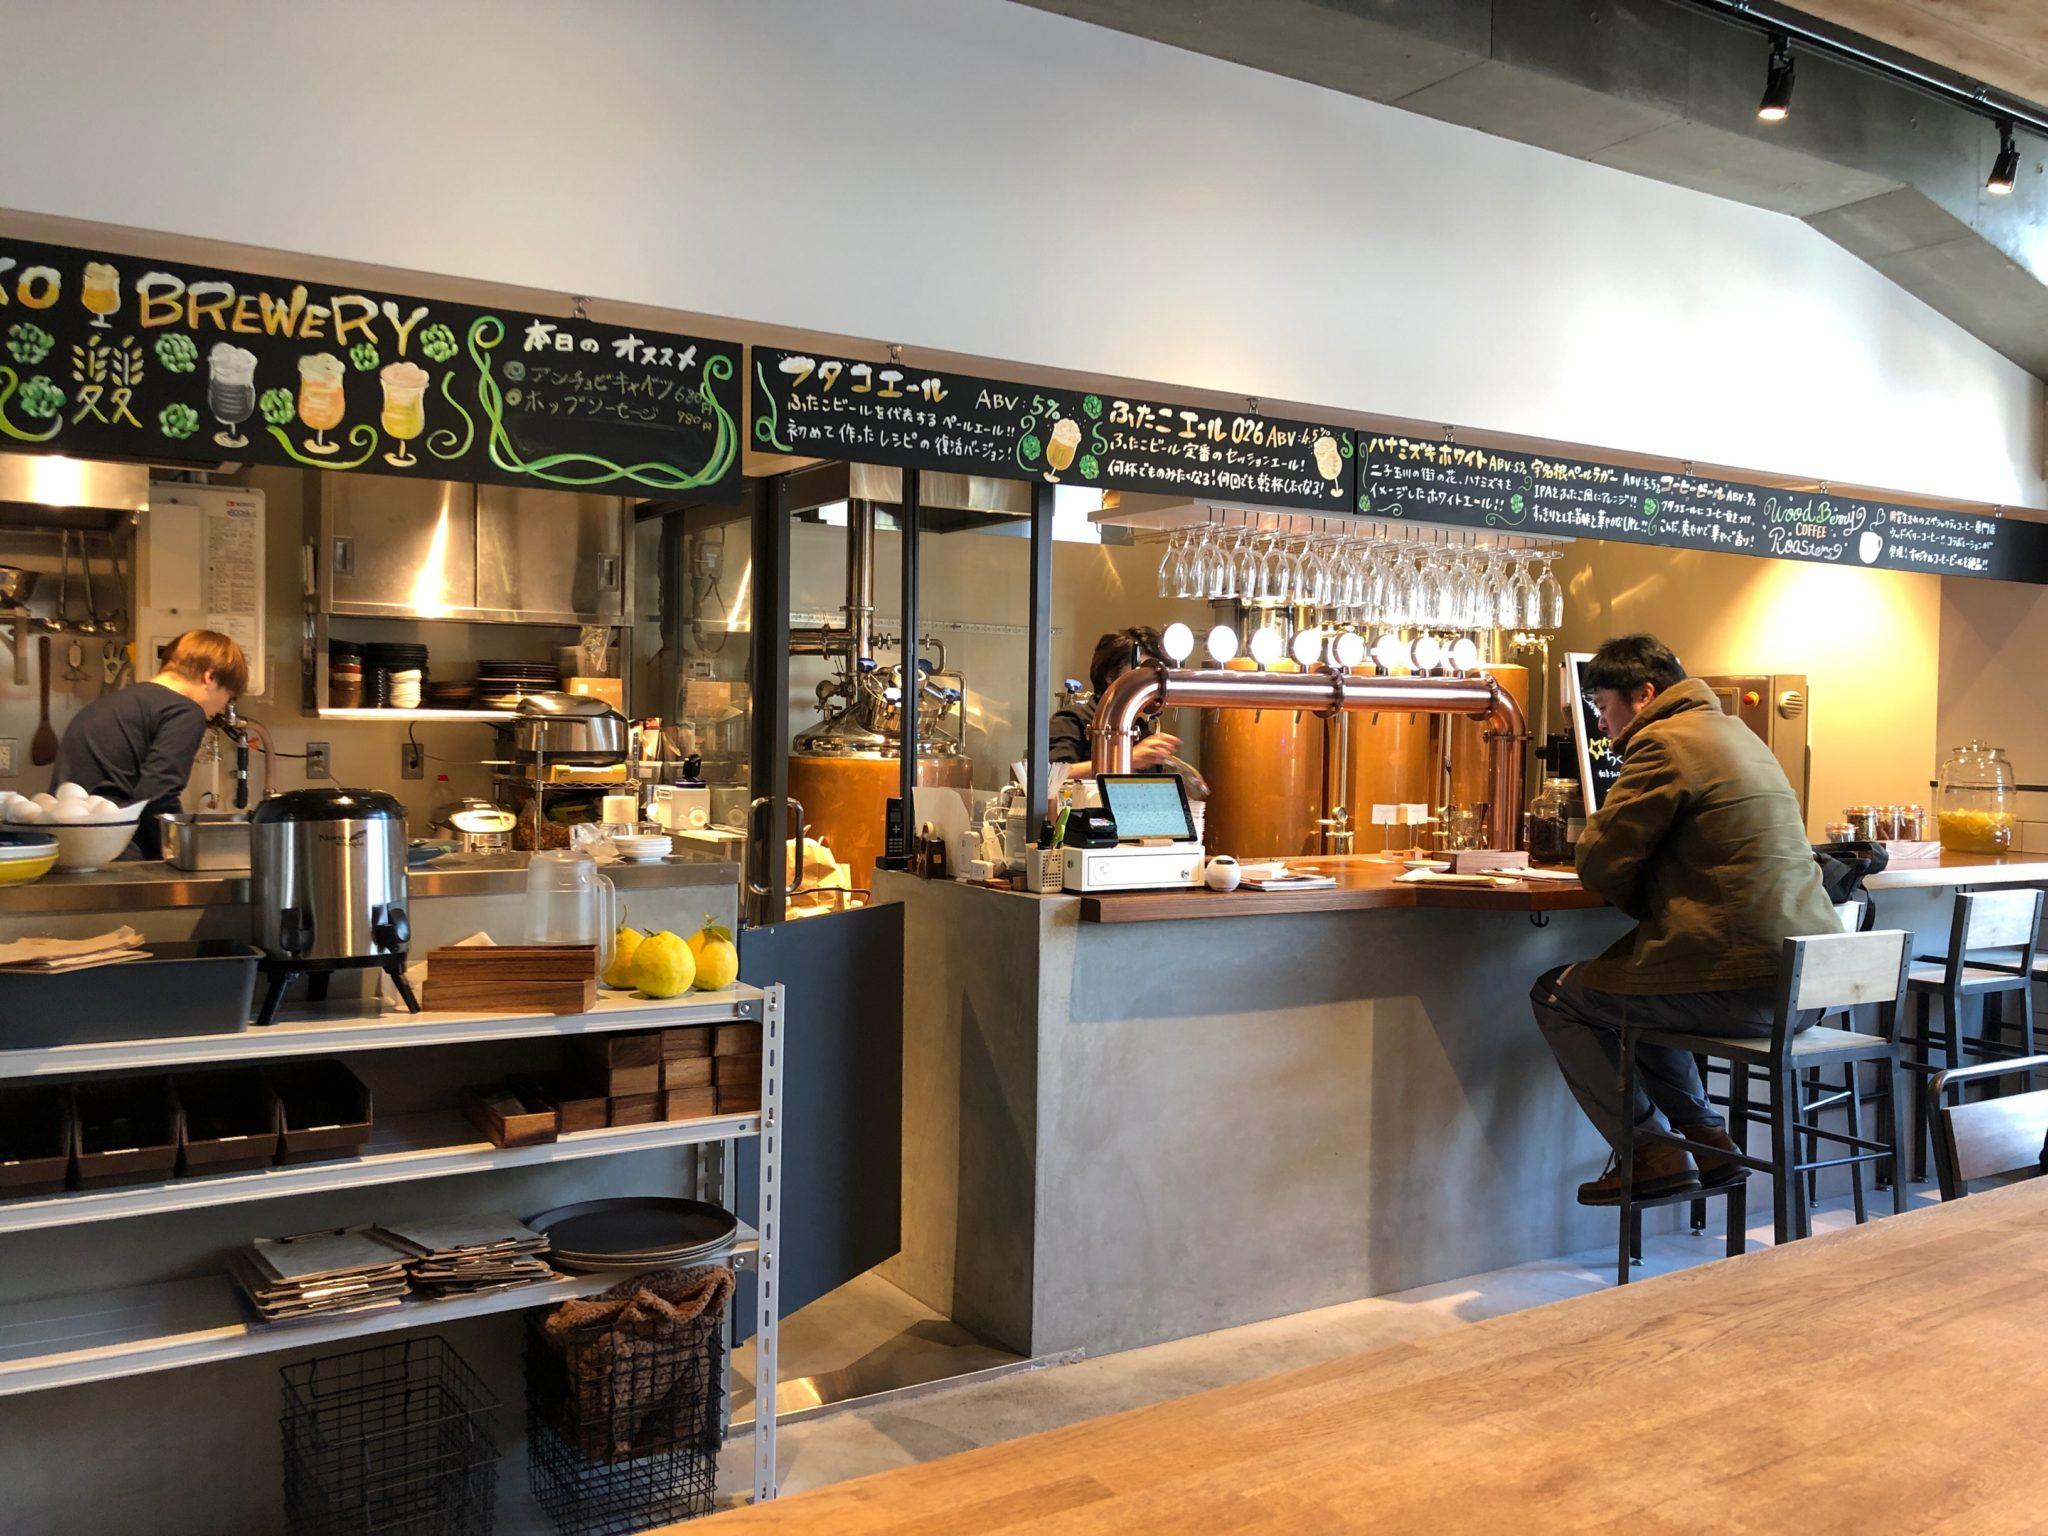 ふたこビール醸造所の店内の様子